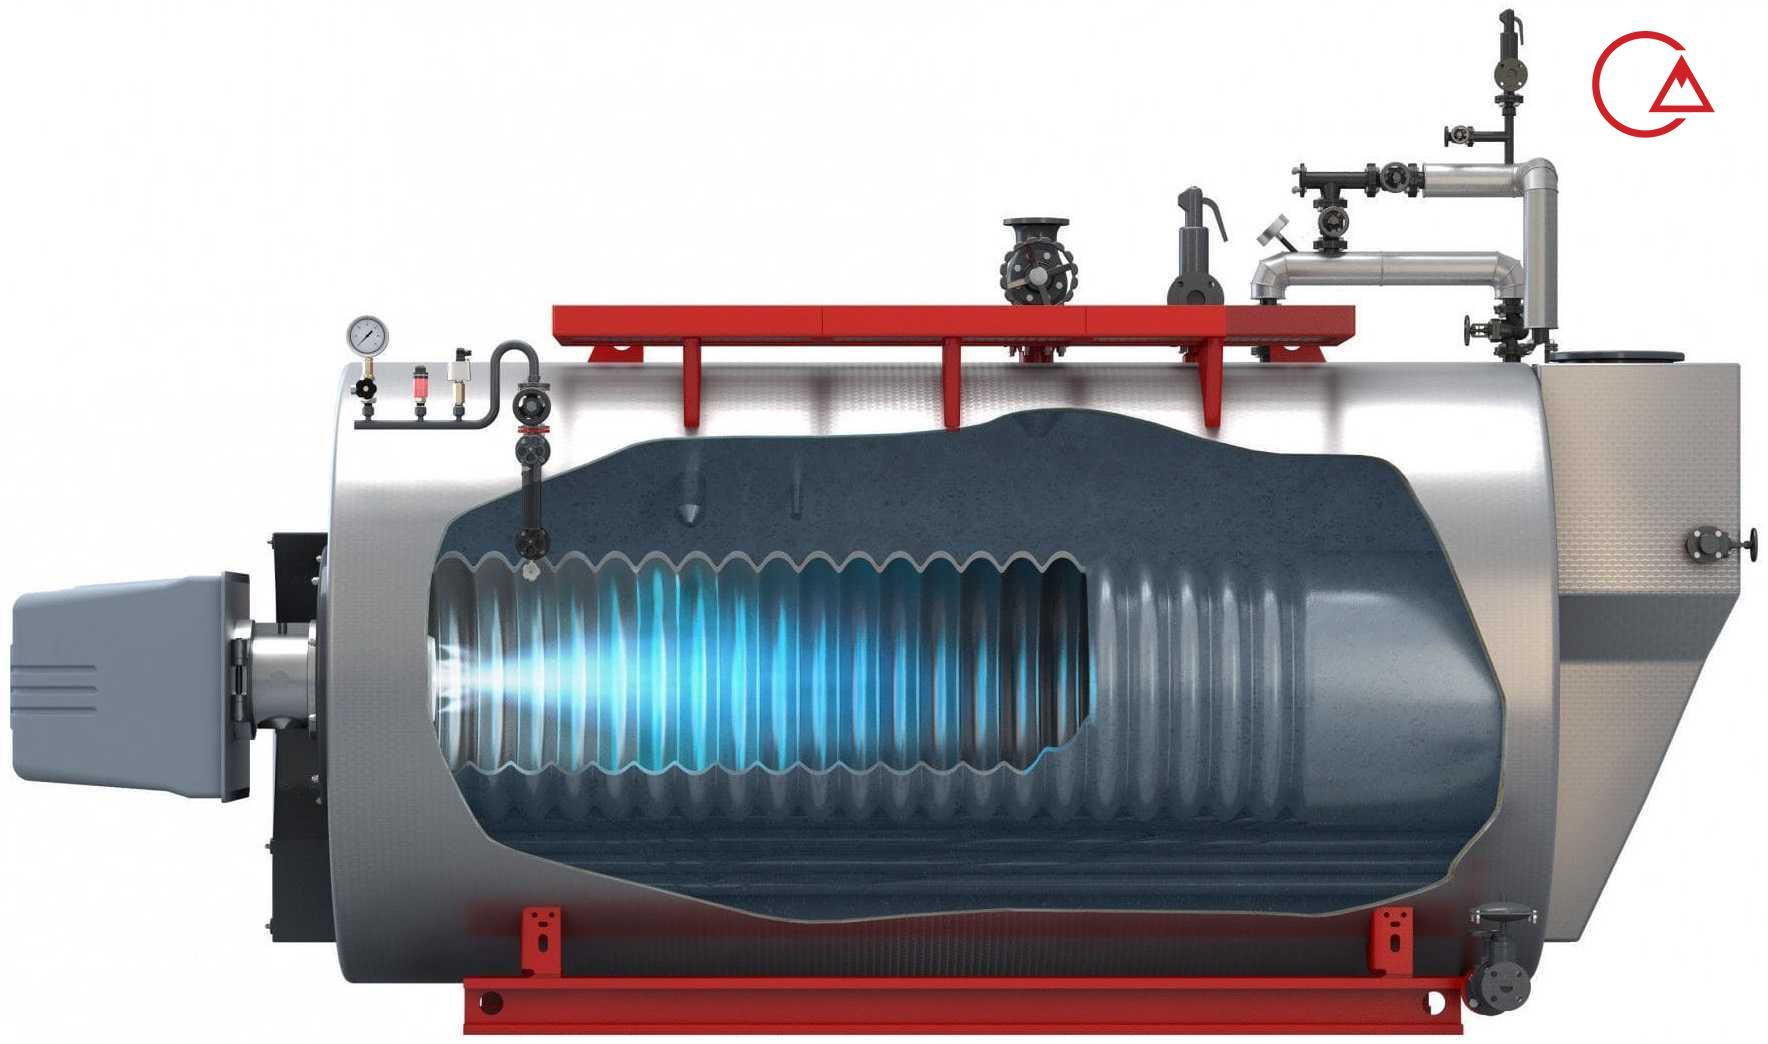 ساختار دیگ بخار - بویلر چه اجزایی دارد